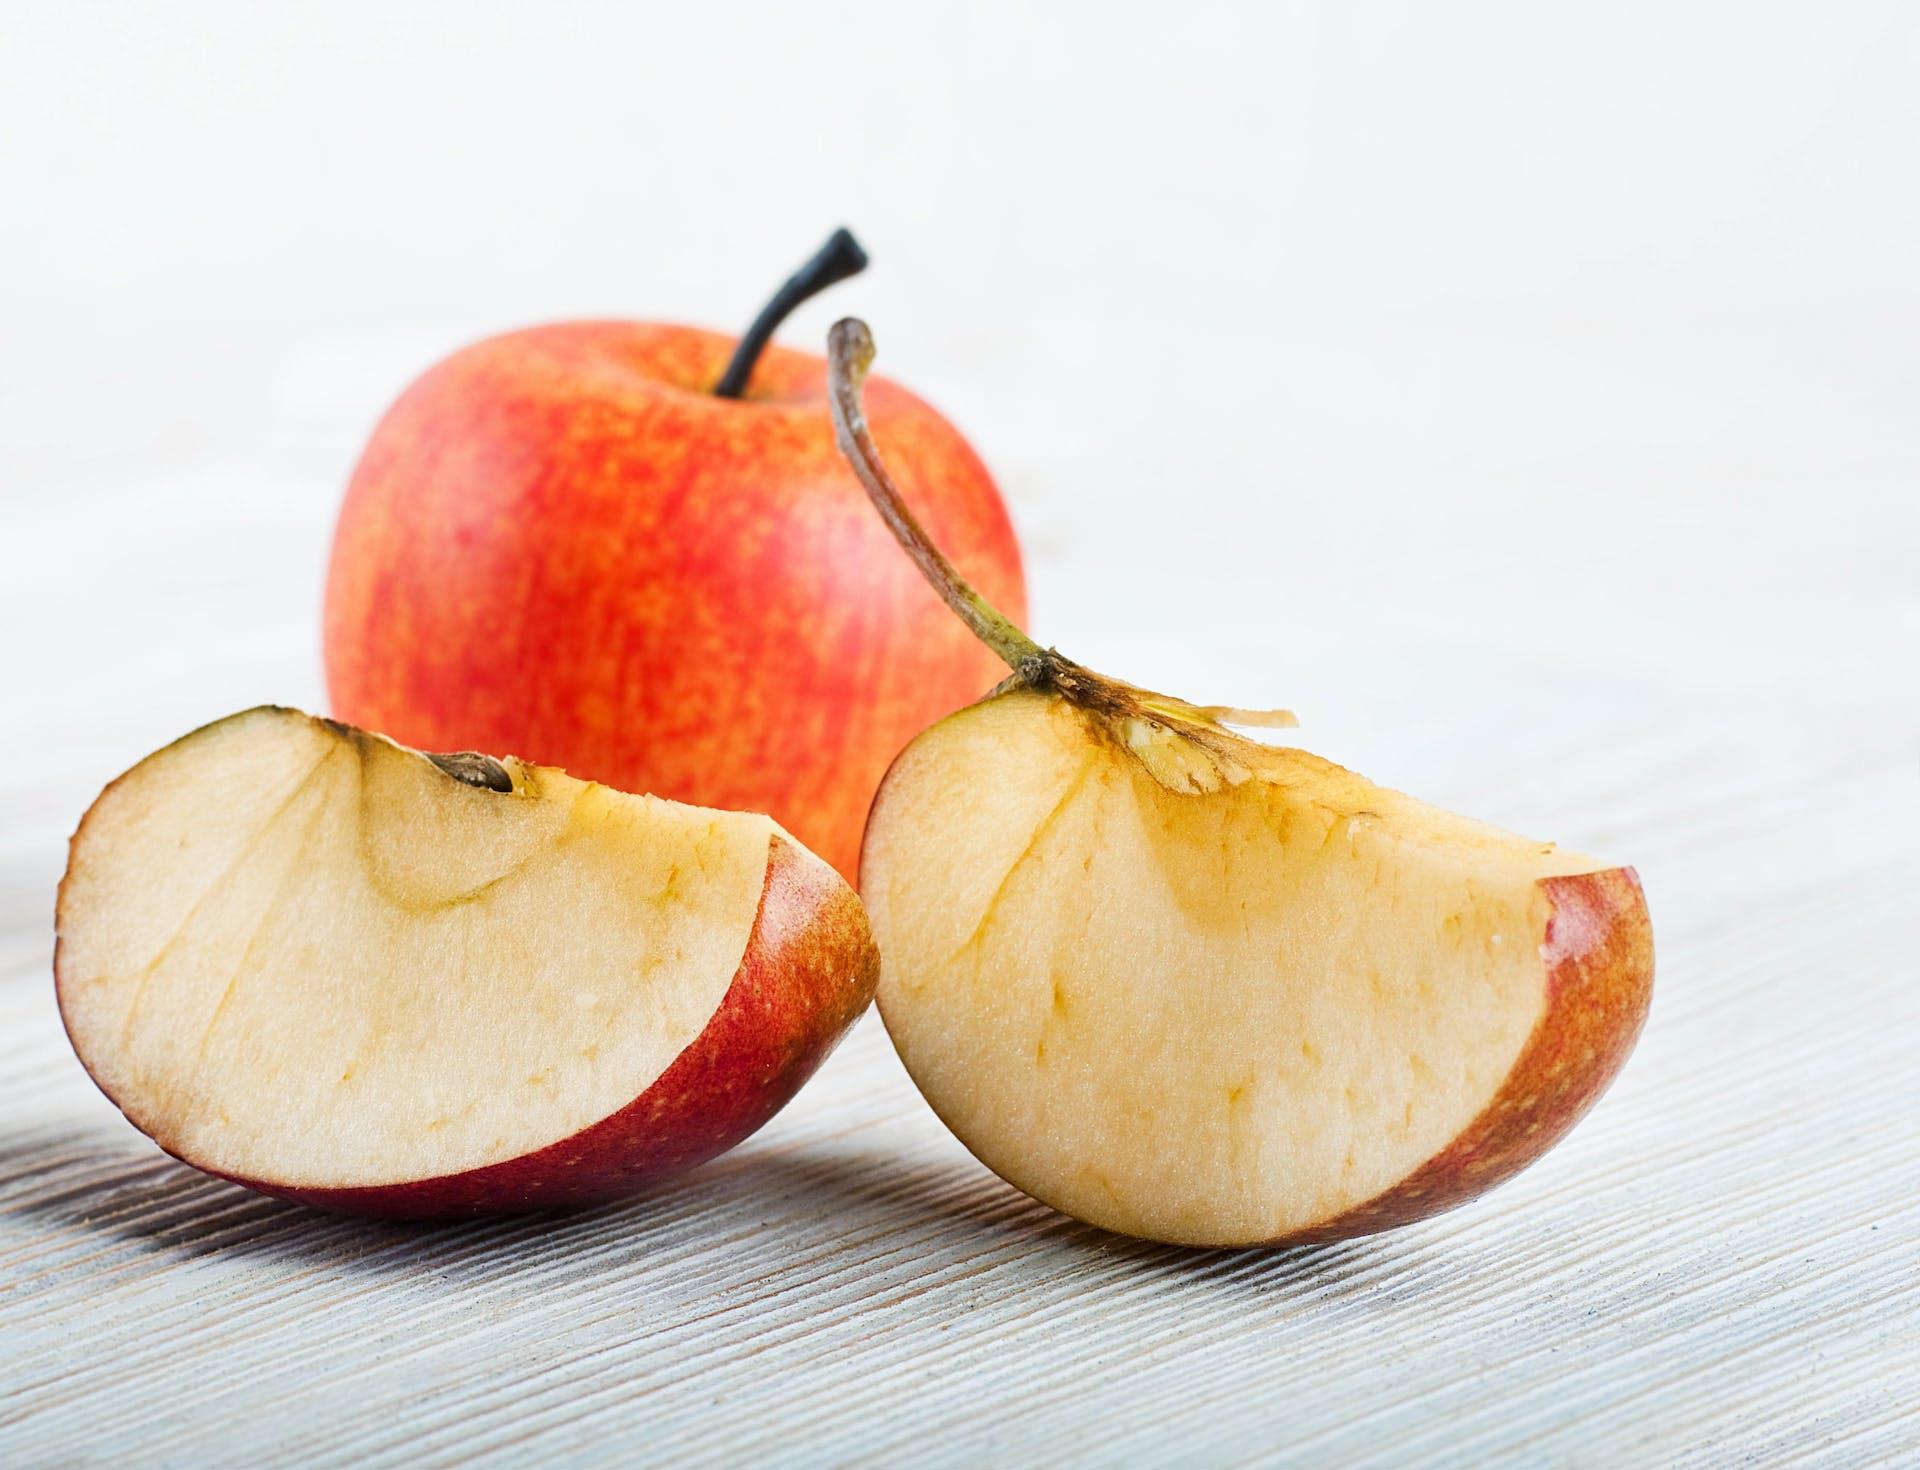 Hoe wordt een appel bruin?